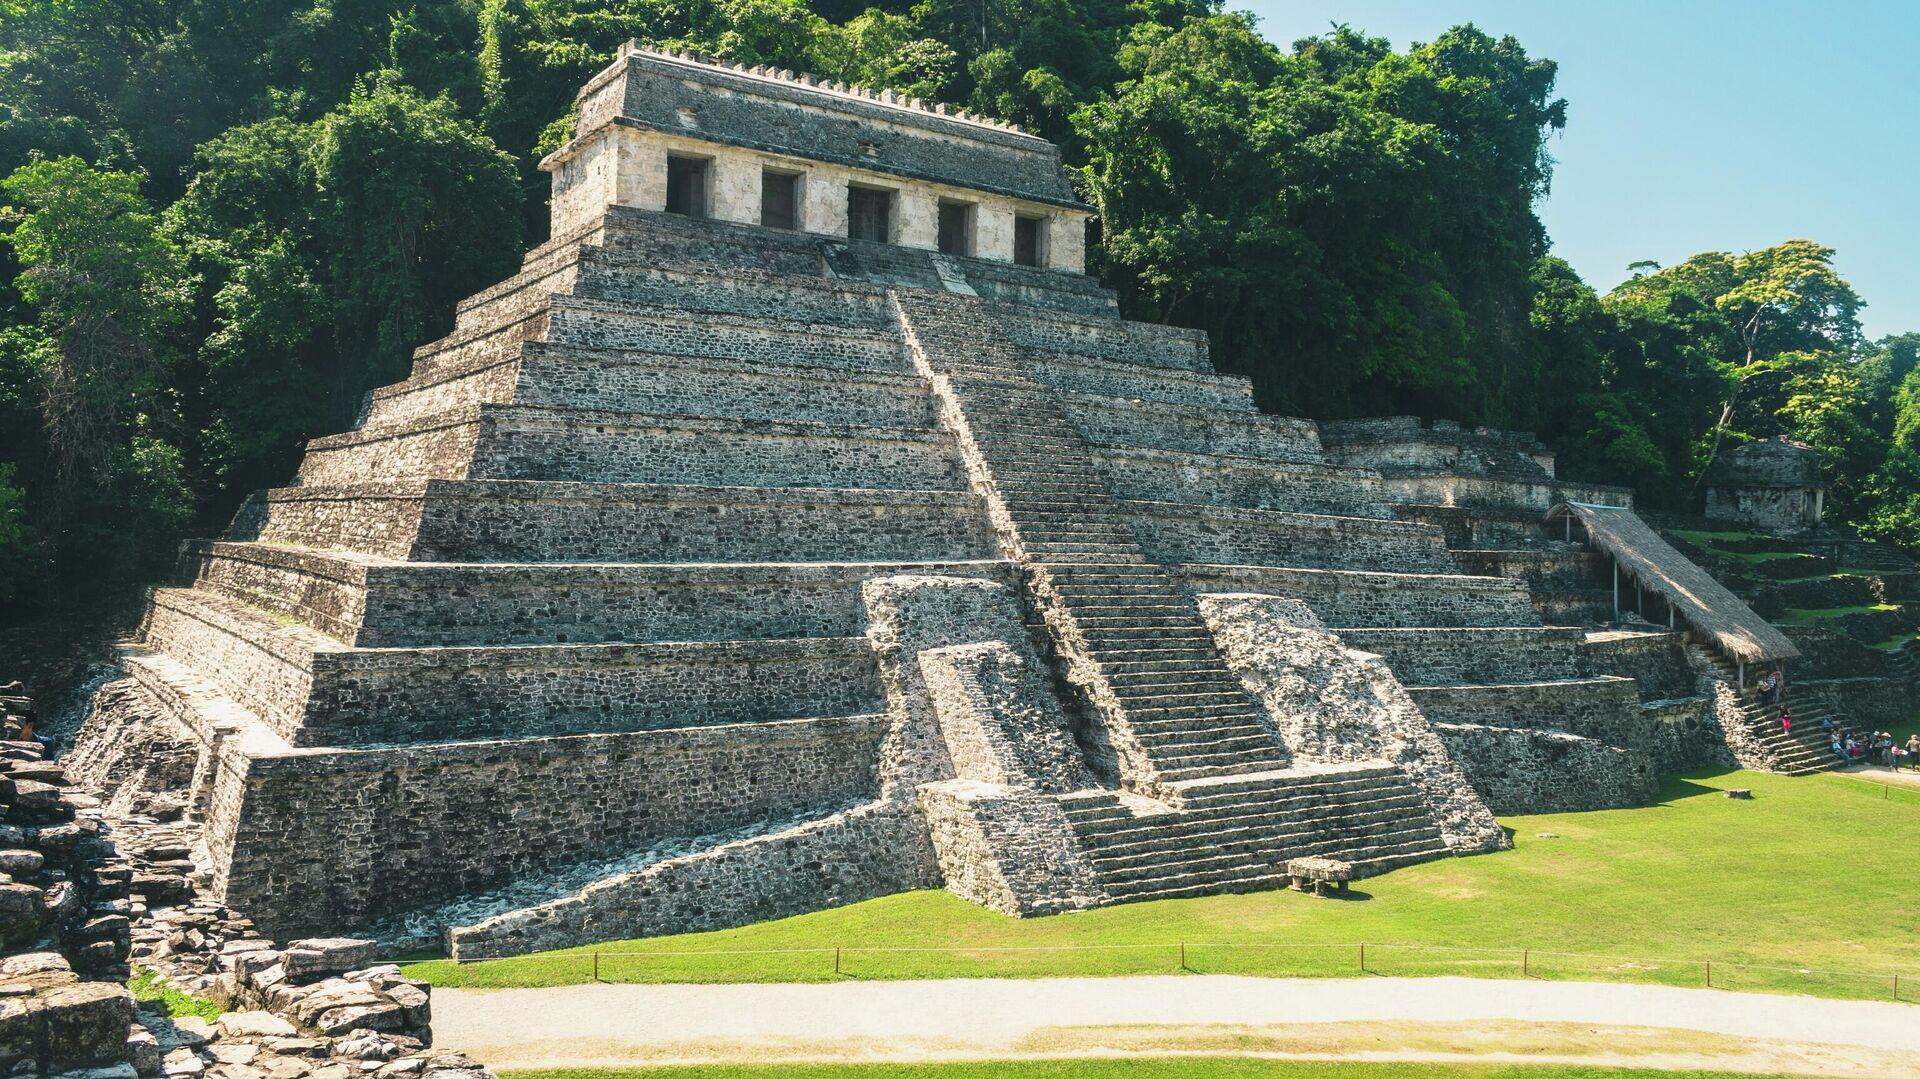 Pirámide de Palenque  - Sputnik Mundo, 1920, 11.05.2021